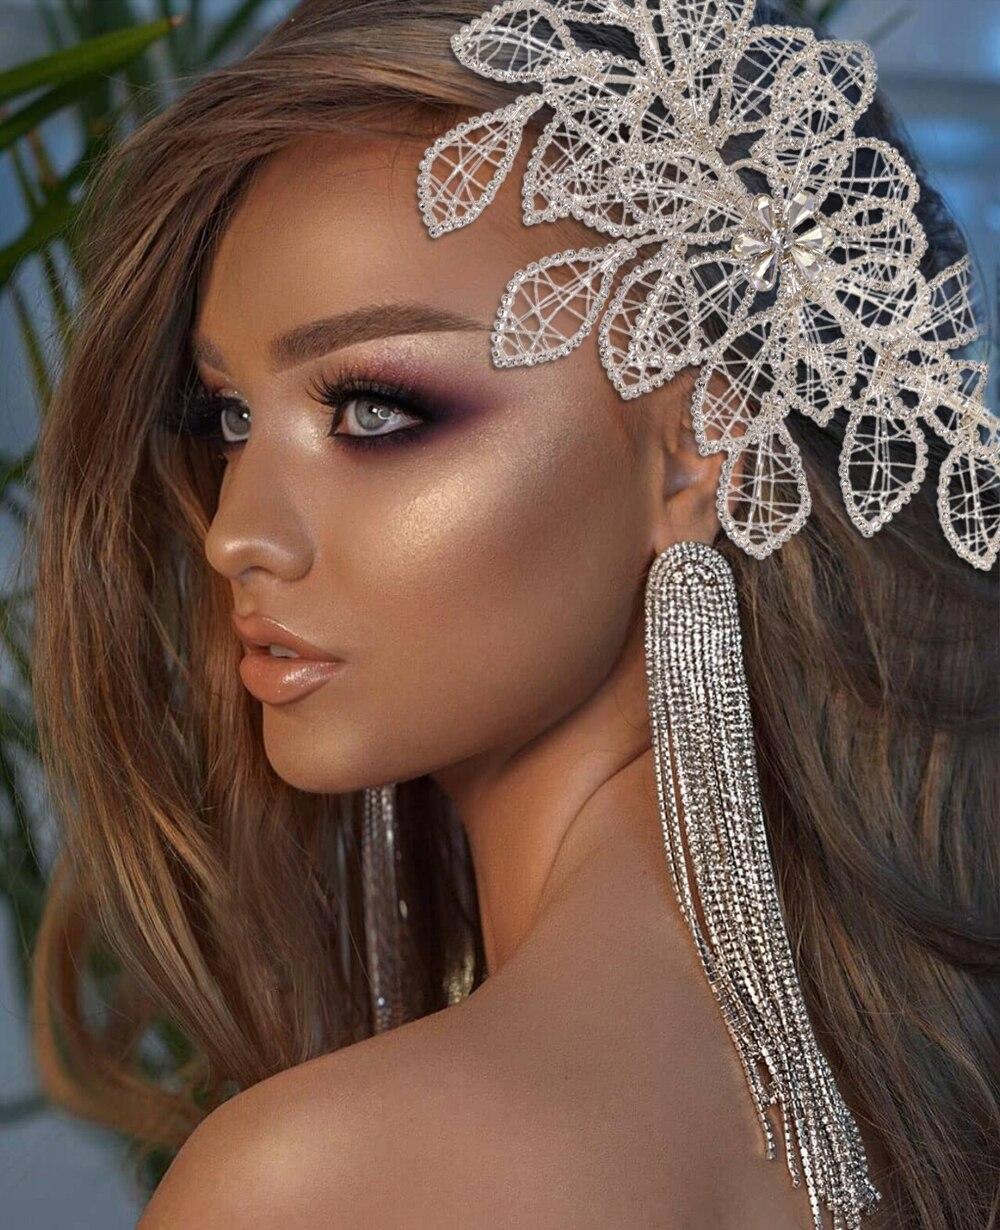 ZMHP256 الذهبي يترك الشعر مجوهرات الزفاف في الشعر الكرمة الزفاف أغطية الرأس تيجان وإكسسوارات للشعر النساء اكسسوارات الديكور إكليل